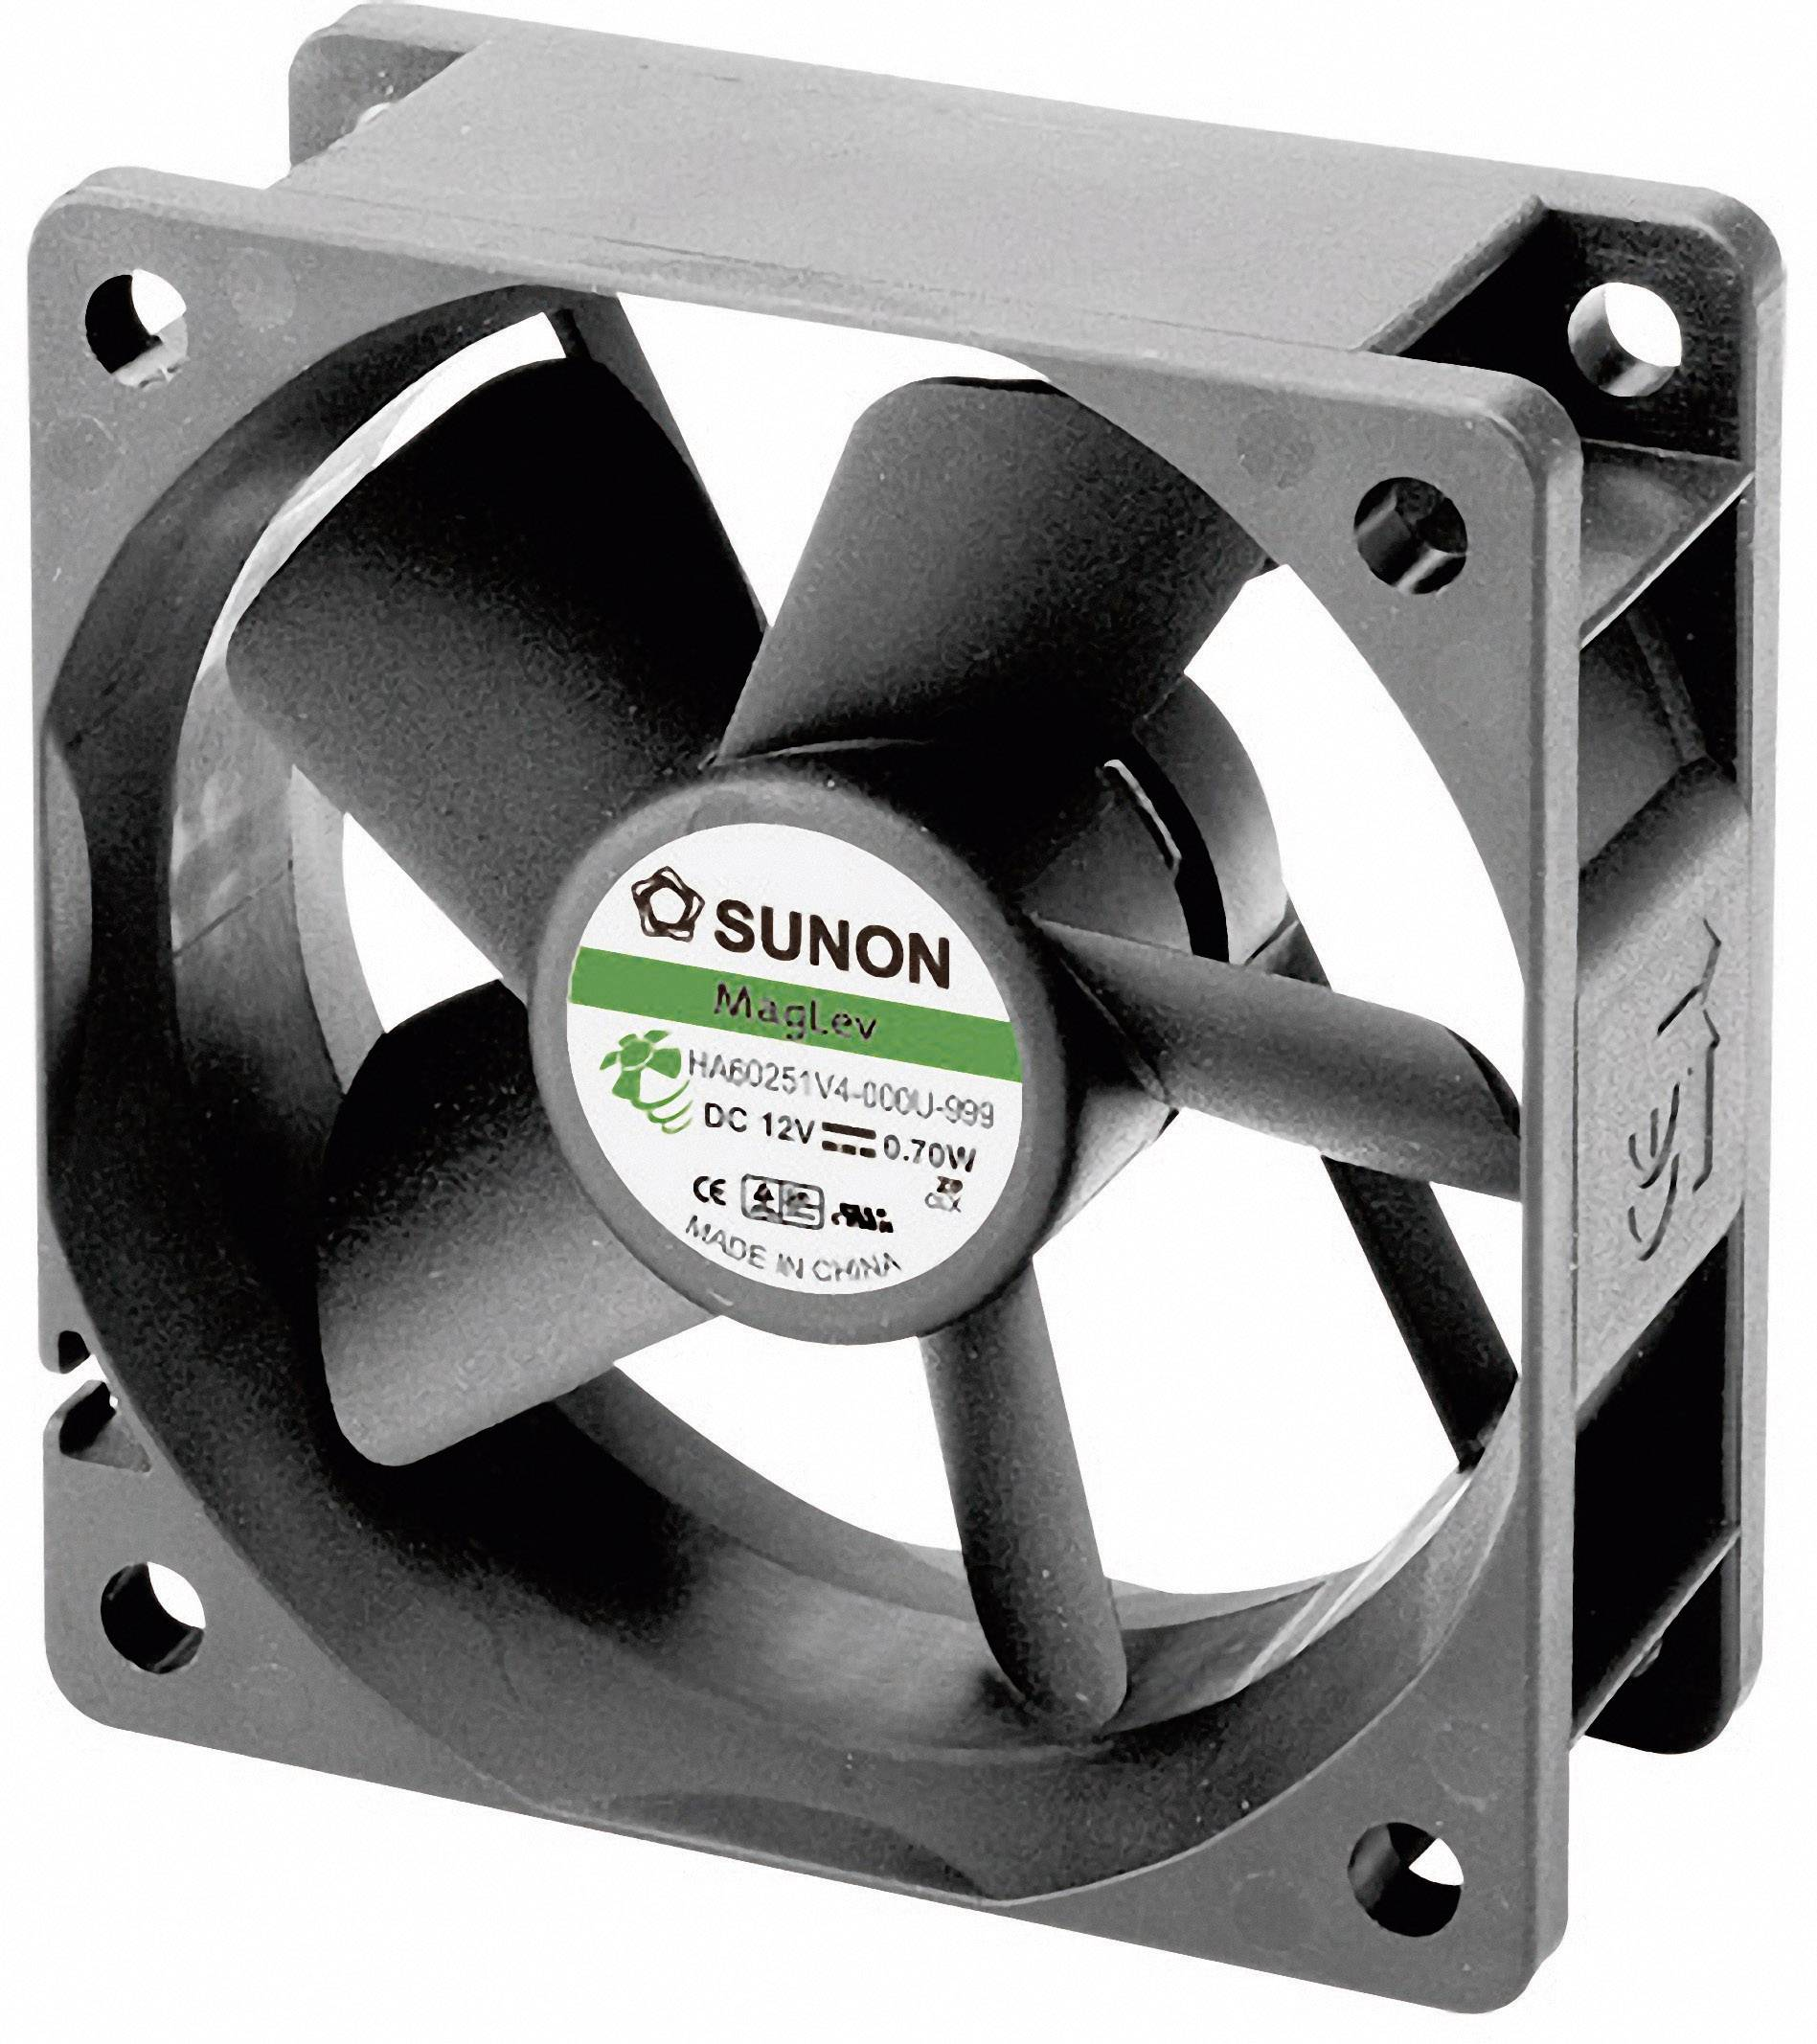 Axiálny ventilátor Sunon HA60251V4-0000-999 HA60251V4-0000-999, 12 V/DC, 13.8 dB, (d x š x v) 60 x 60 x 25 mm